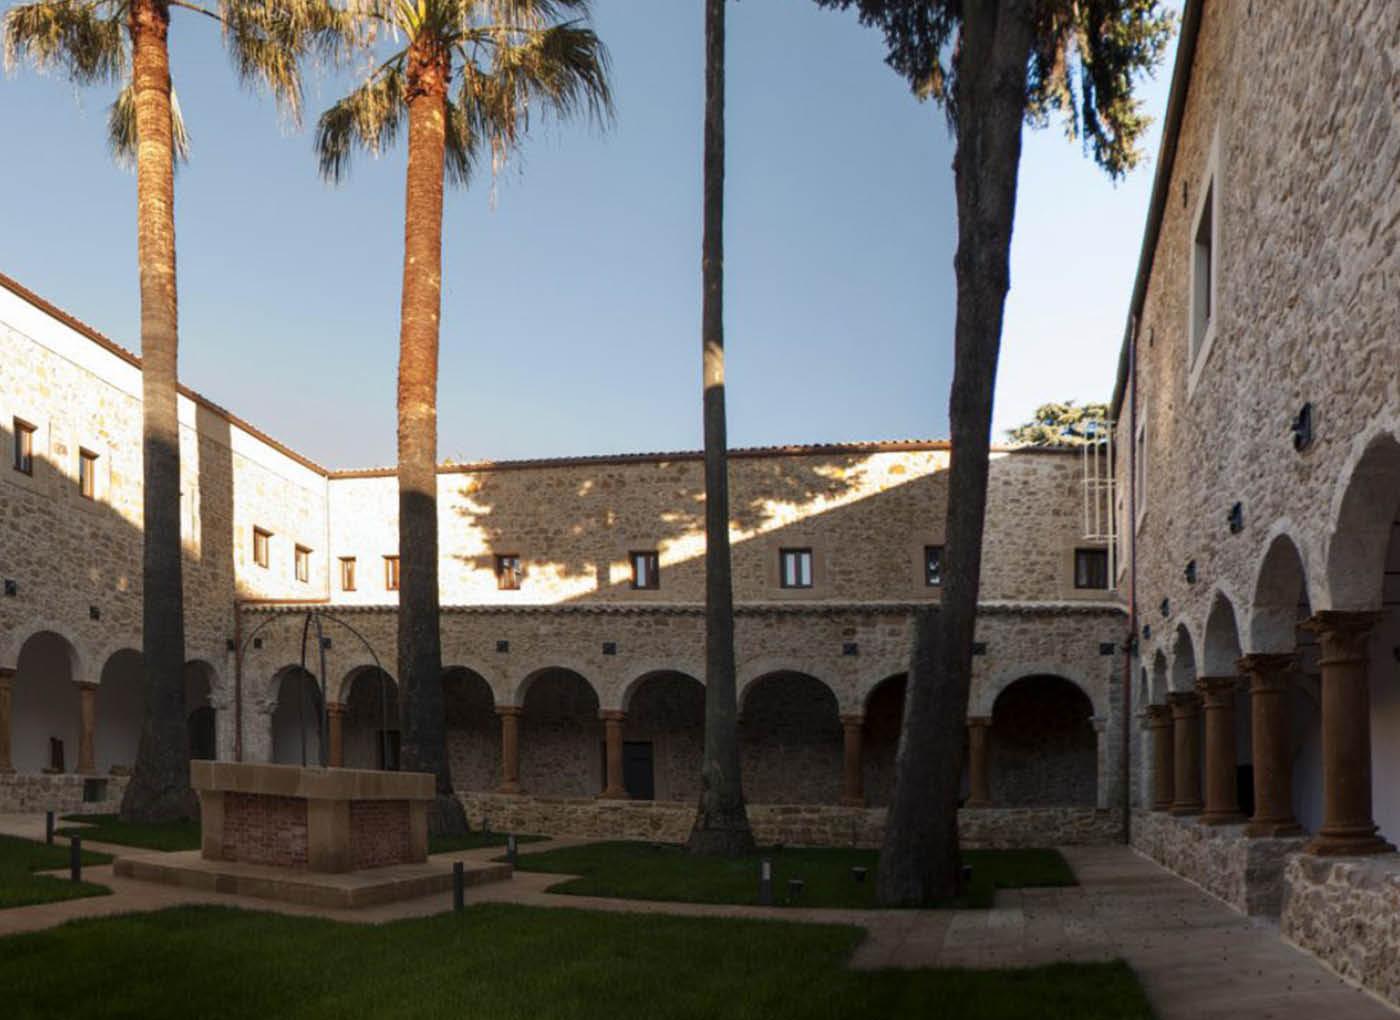 ex-convento-frati-minori-piazza-armerina-riempimento-volte